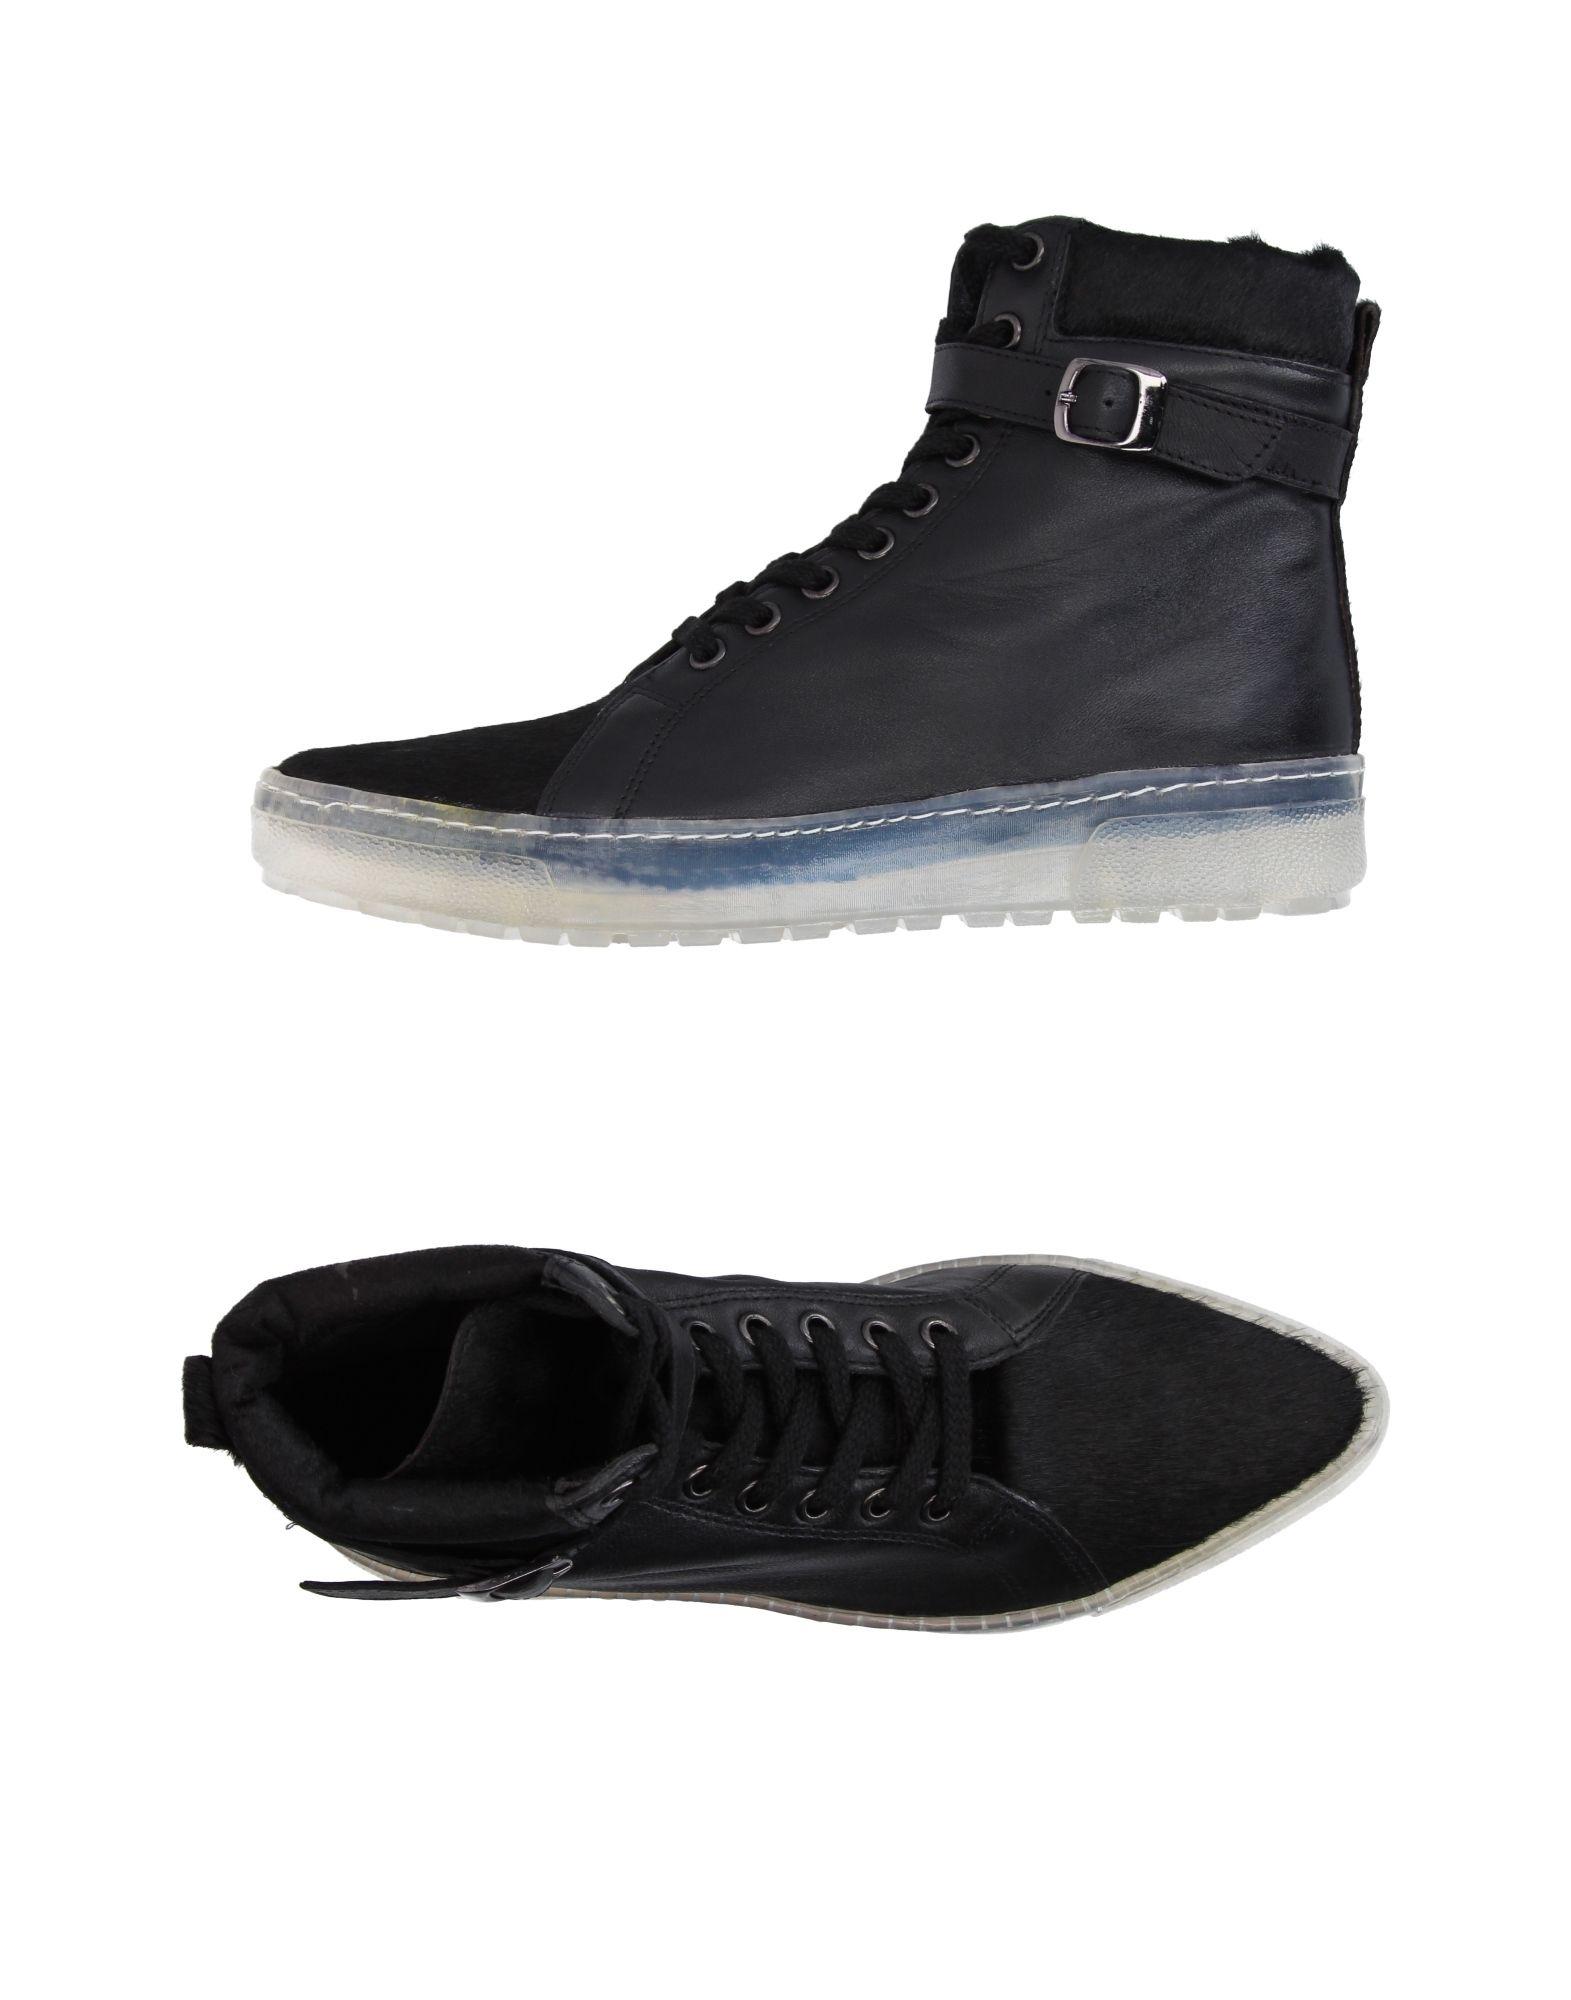 Taleja Preis-Leistungs-Verhältnis, Sneakers Damen Gutes Preis-Leistungs-Verhältnis, Taleja es lohnt sich ba1ec9